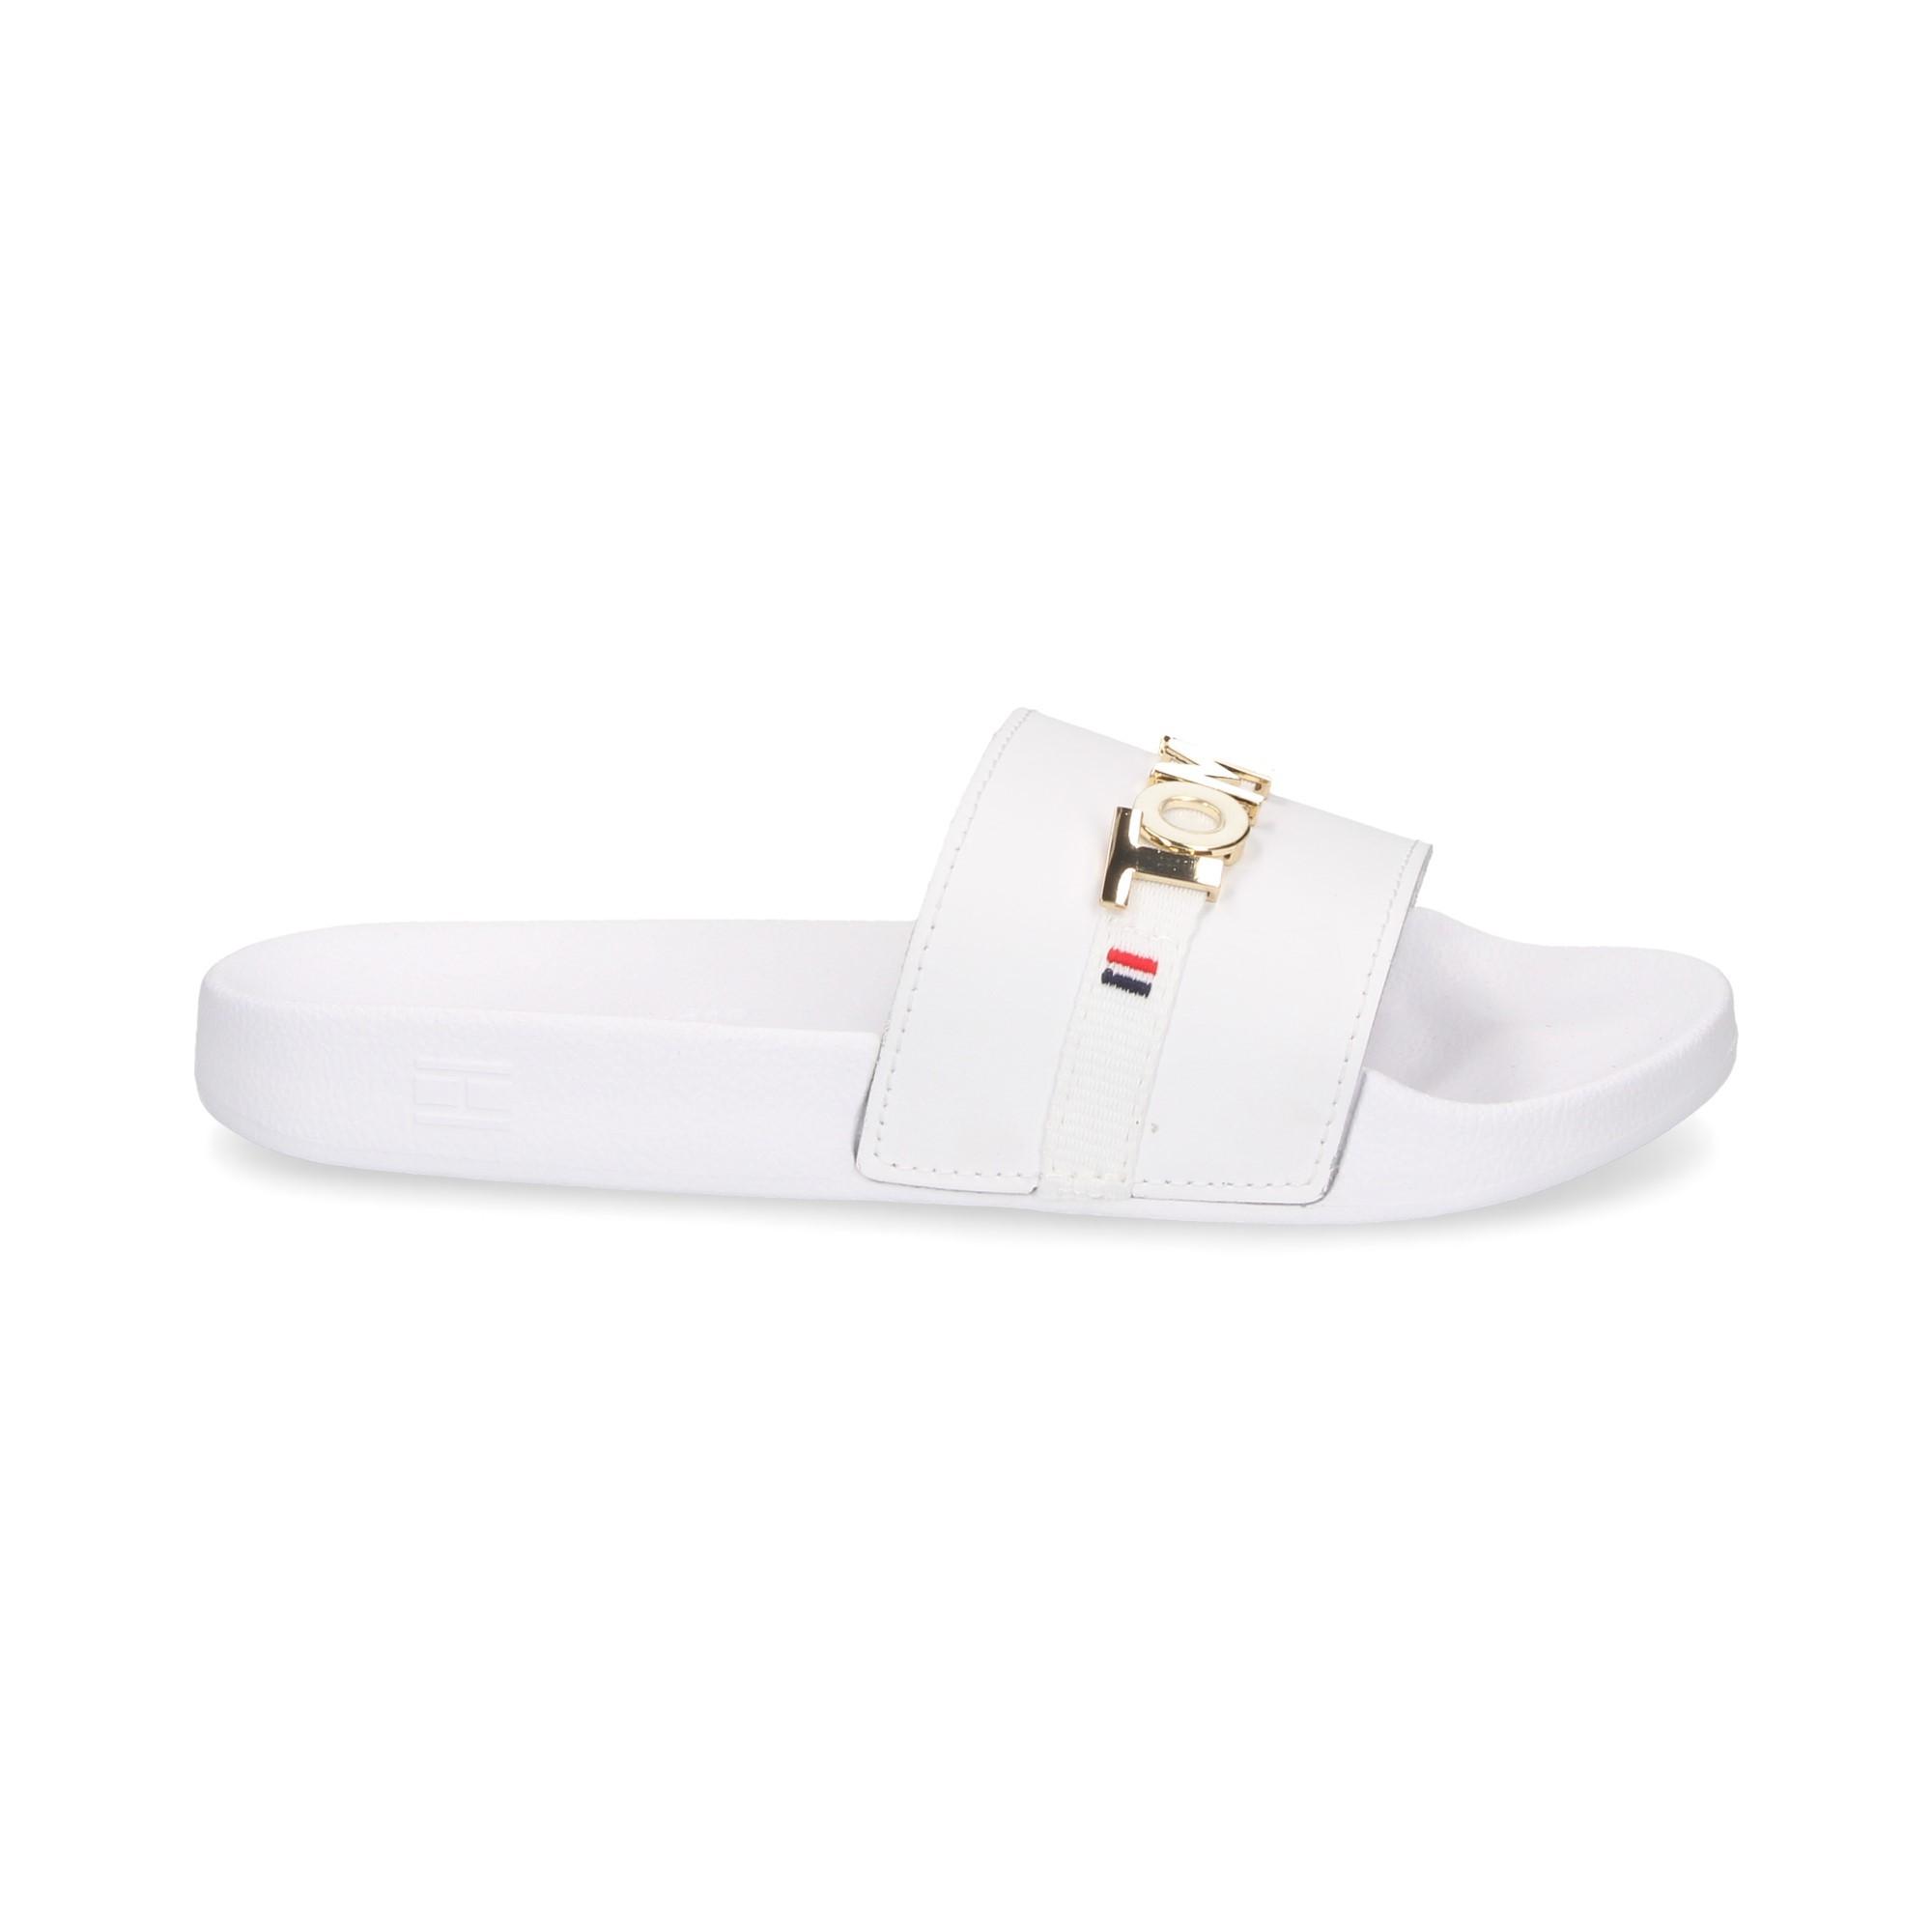 Reserviert* Tommy Hilfiger Damen Schuhe Größe 39 Pink in